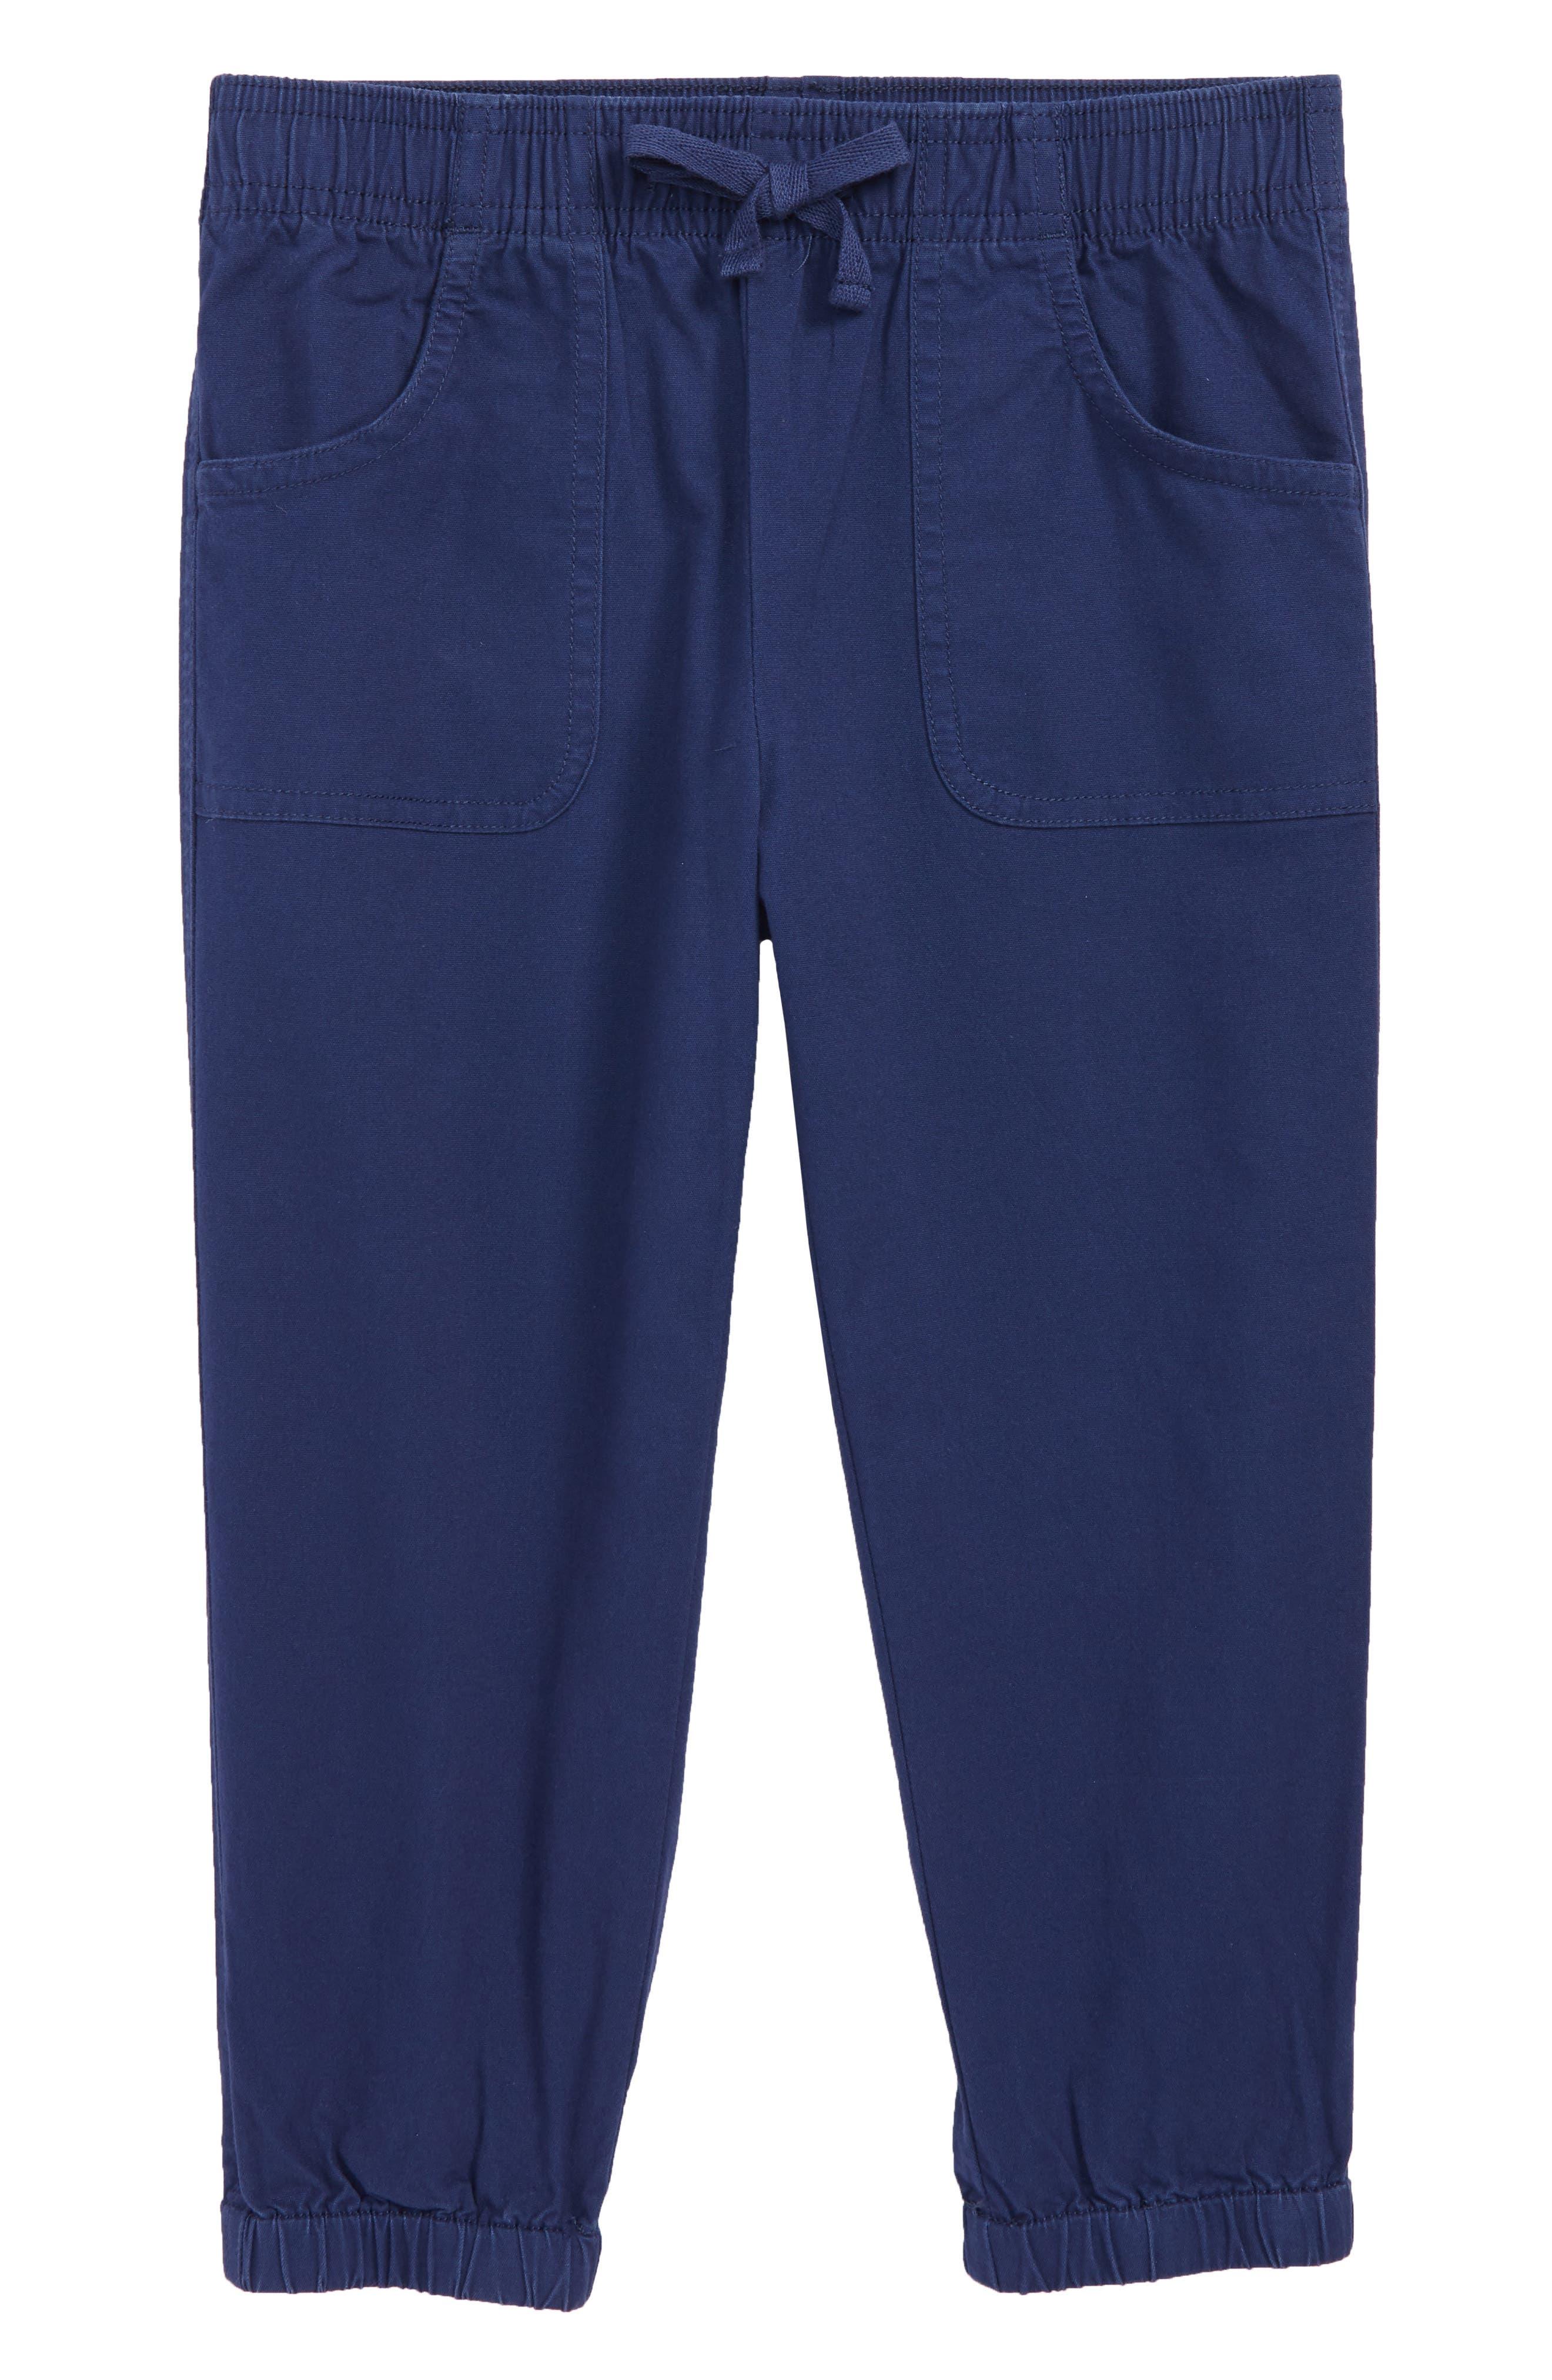 Jogger Pants,                             Main thumbnail 1, color,                             DEEP BAY